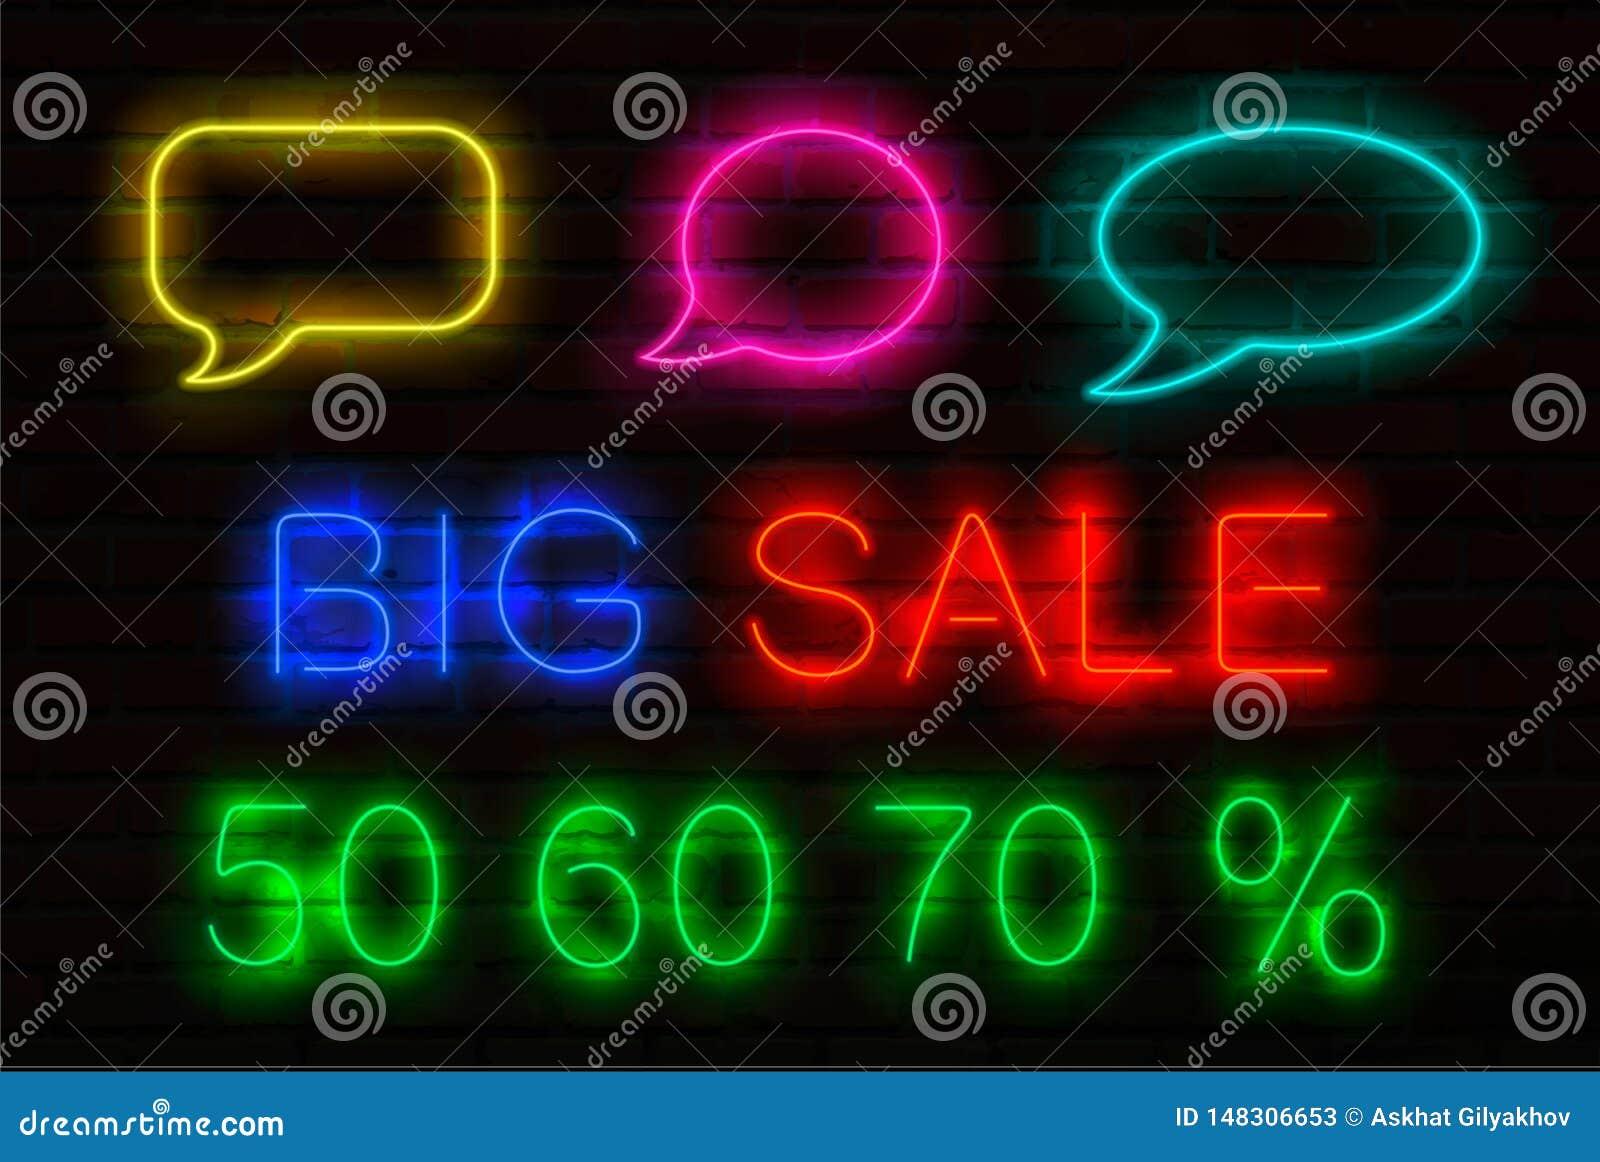 Установите неоновых вывесок со светящим для продаж Пузыри речи, продажа названия большая и 50, 60, продажа 70 процентов